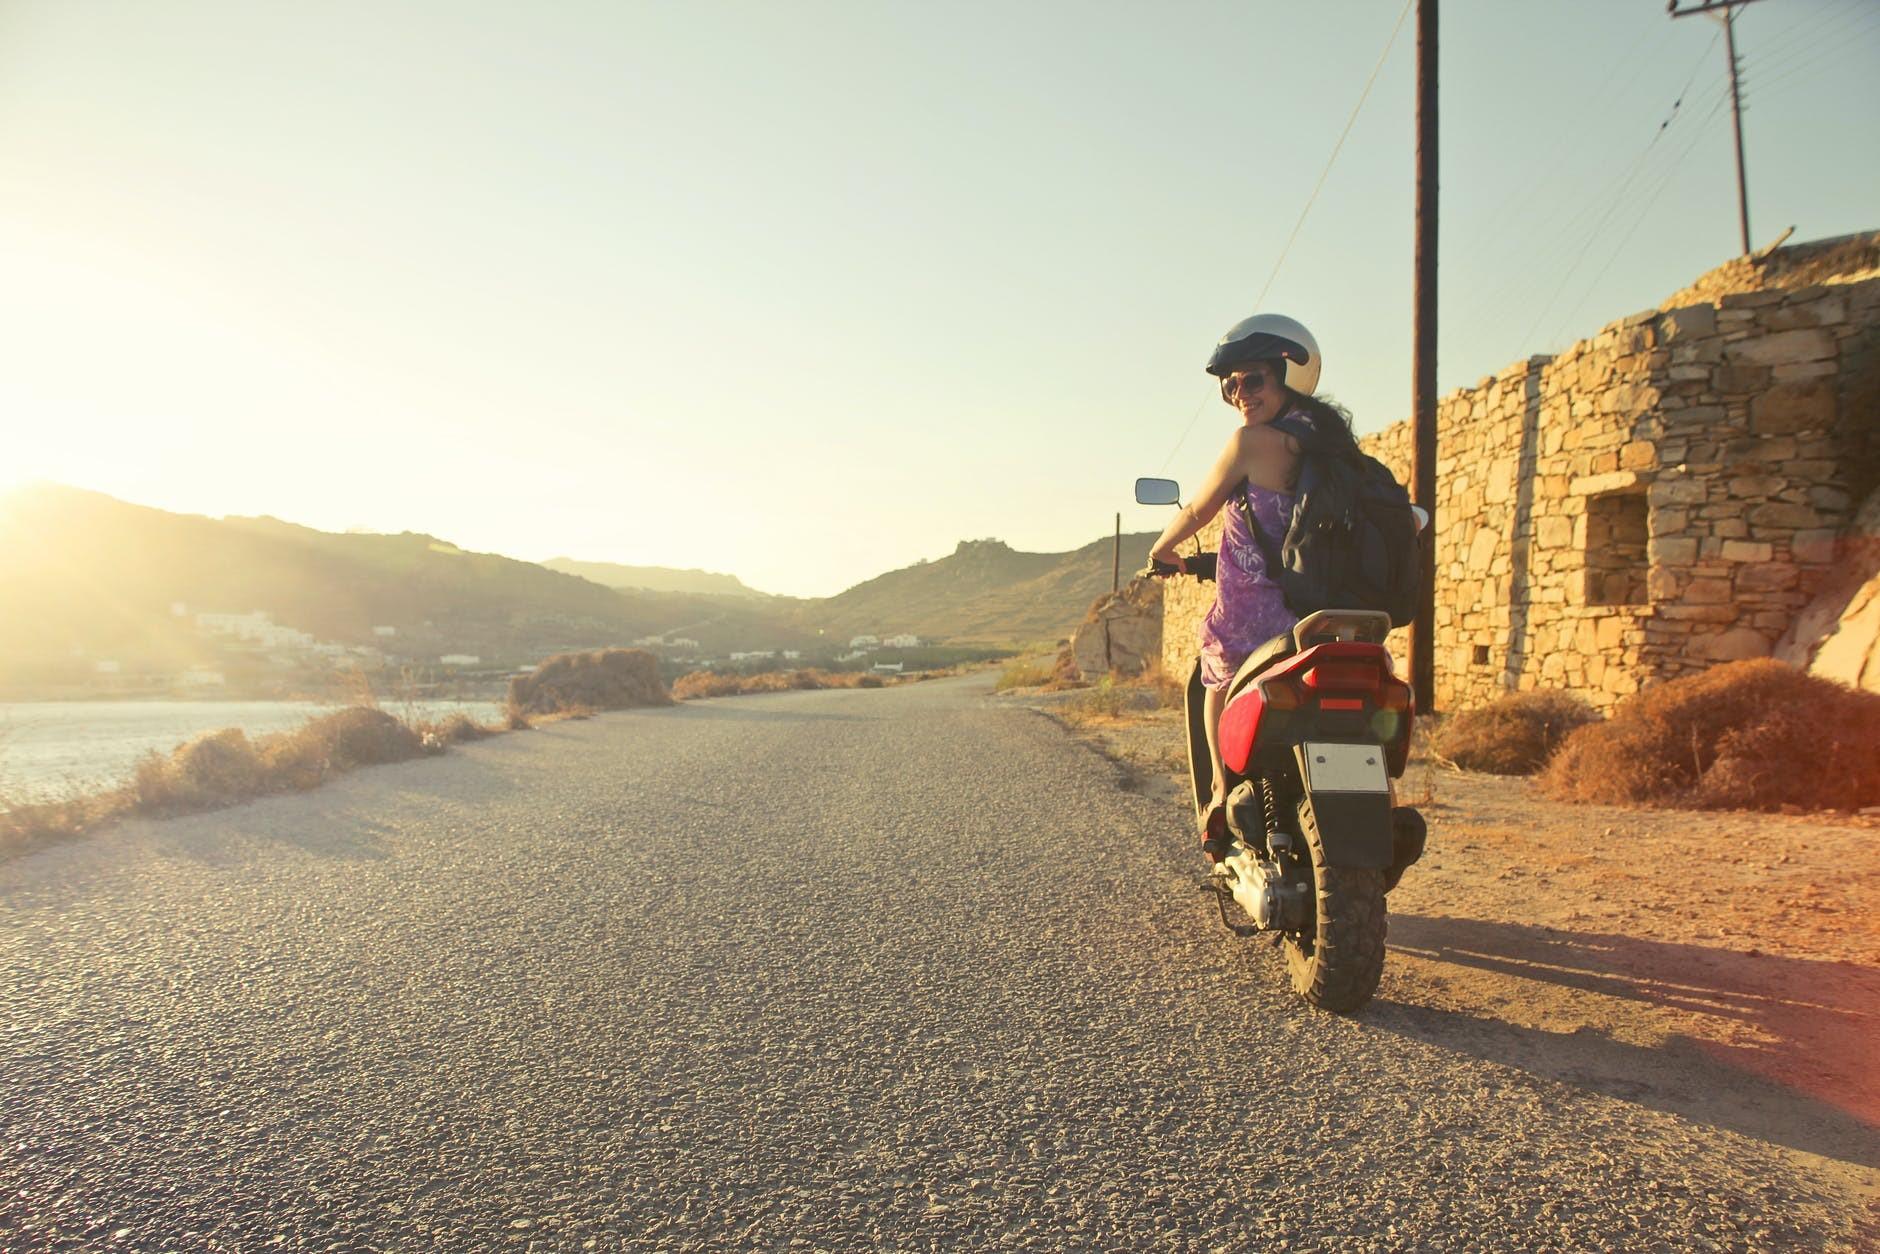 Capacete de moto: escolhe a segurança em primeiro lugar